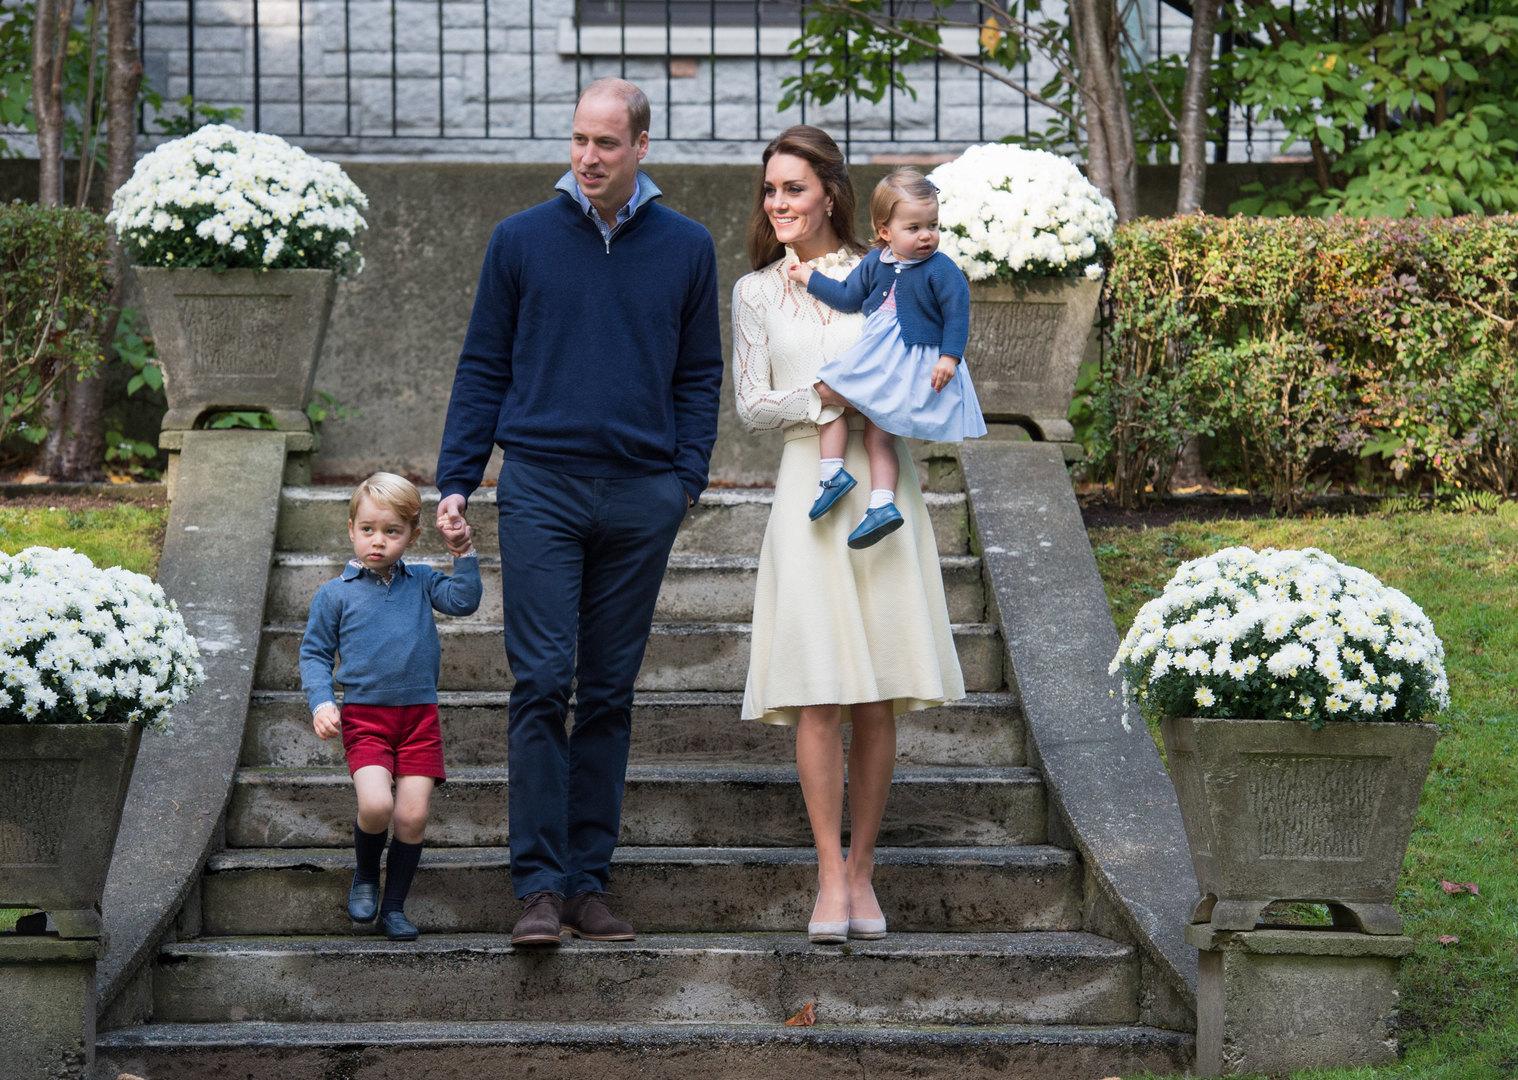 Принц Уильям иКейт Миддлтон ссыном Джорджем идочерью Шарлоттой